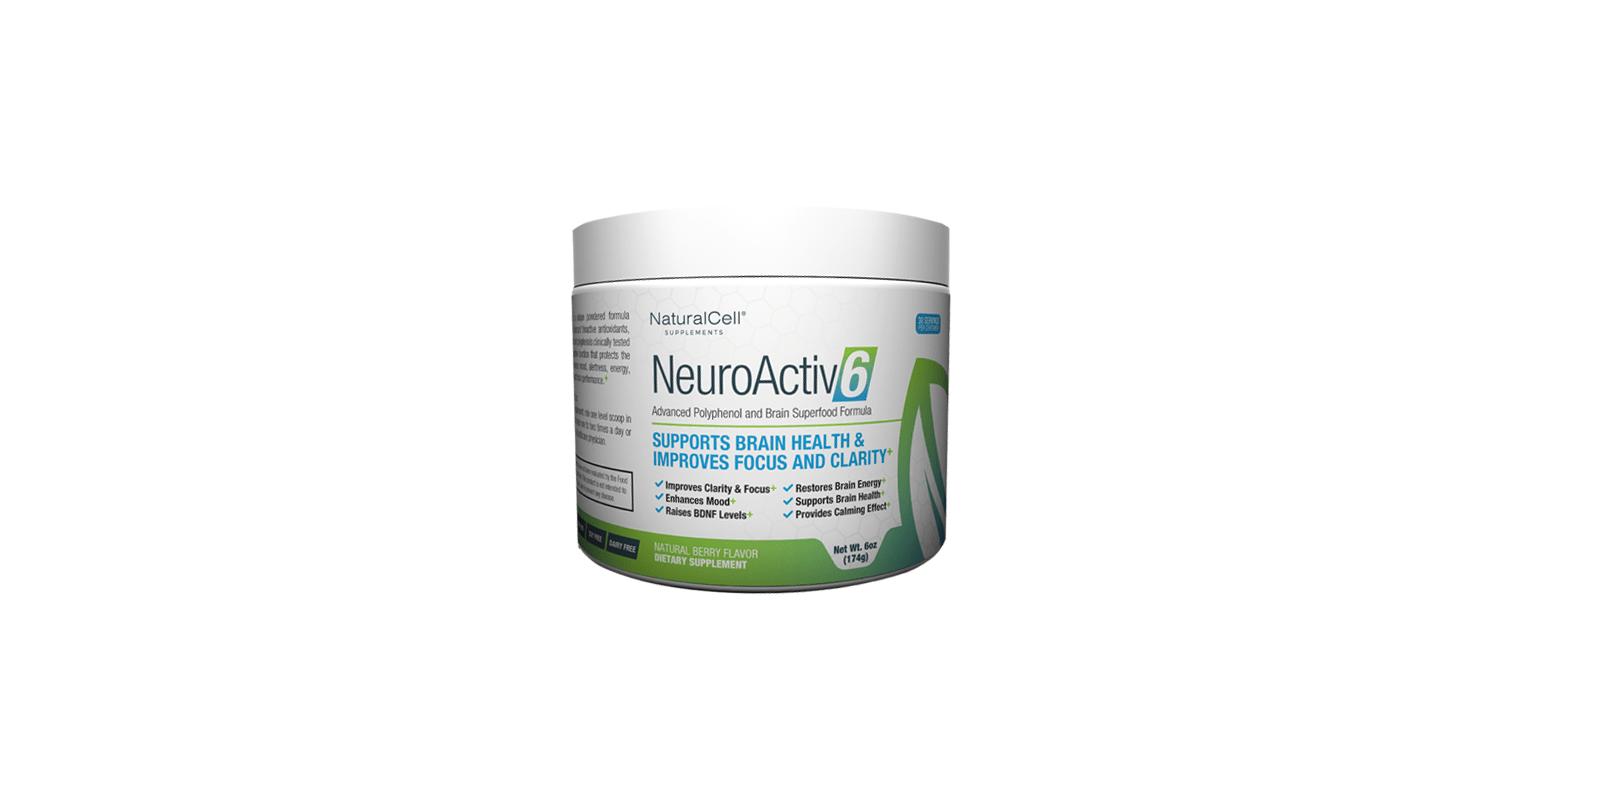 Neuroactiv6 Reviews